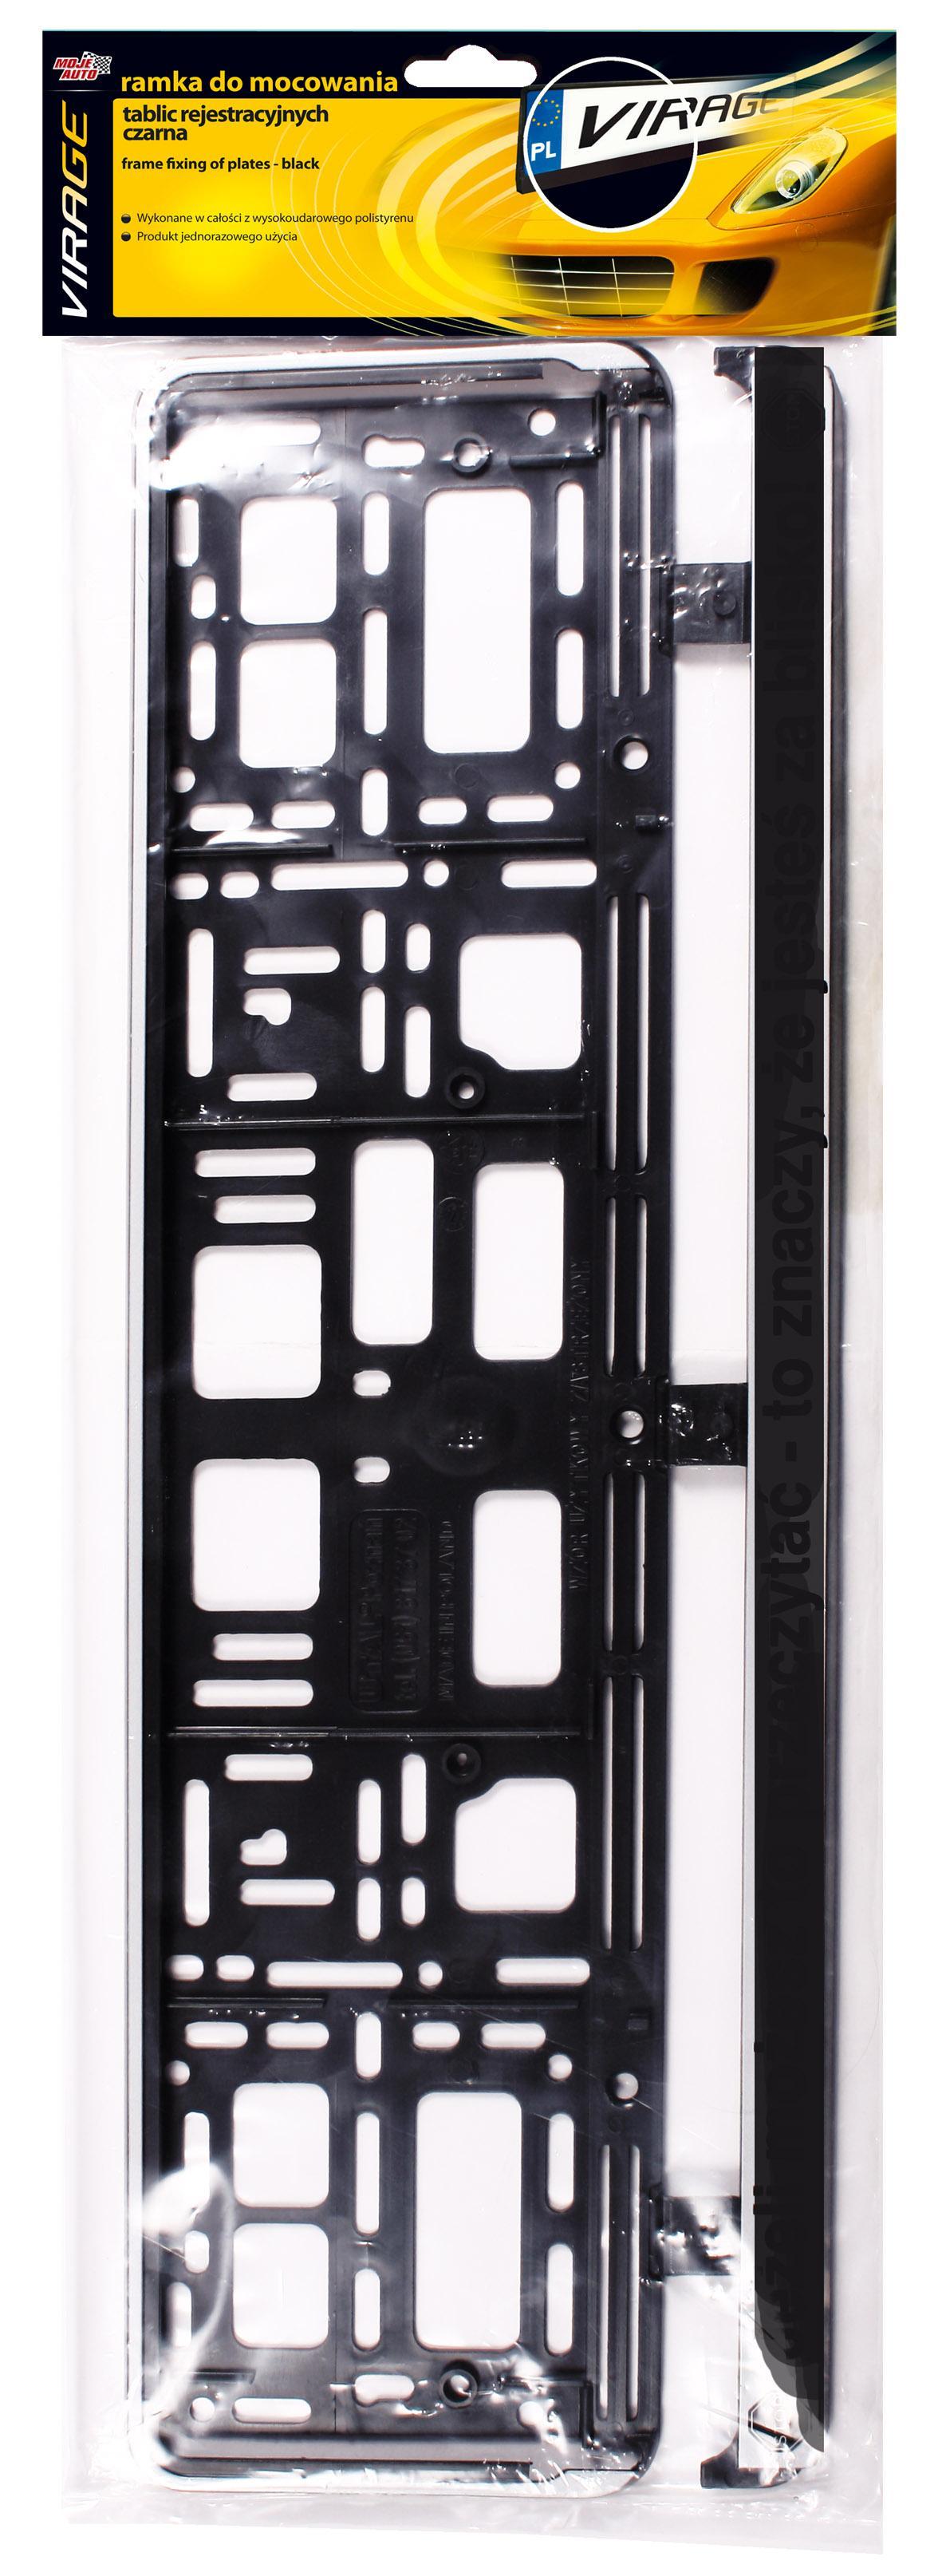 93001 Kennzeichenhalter VIRAGE 93-001 - Große Auswahl - stark reduziert